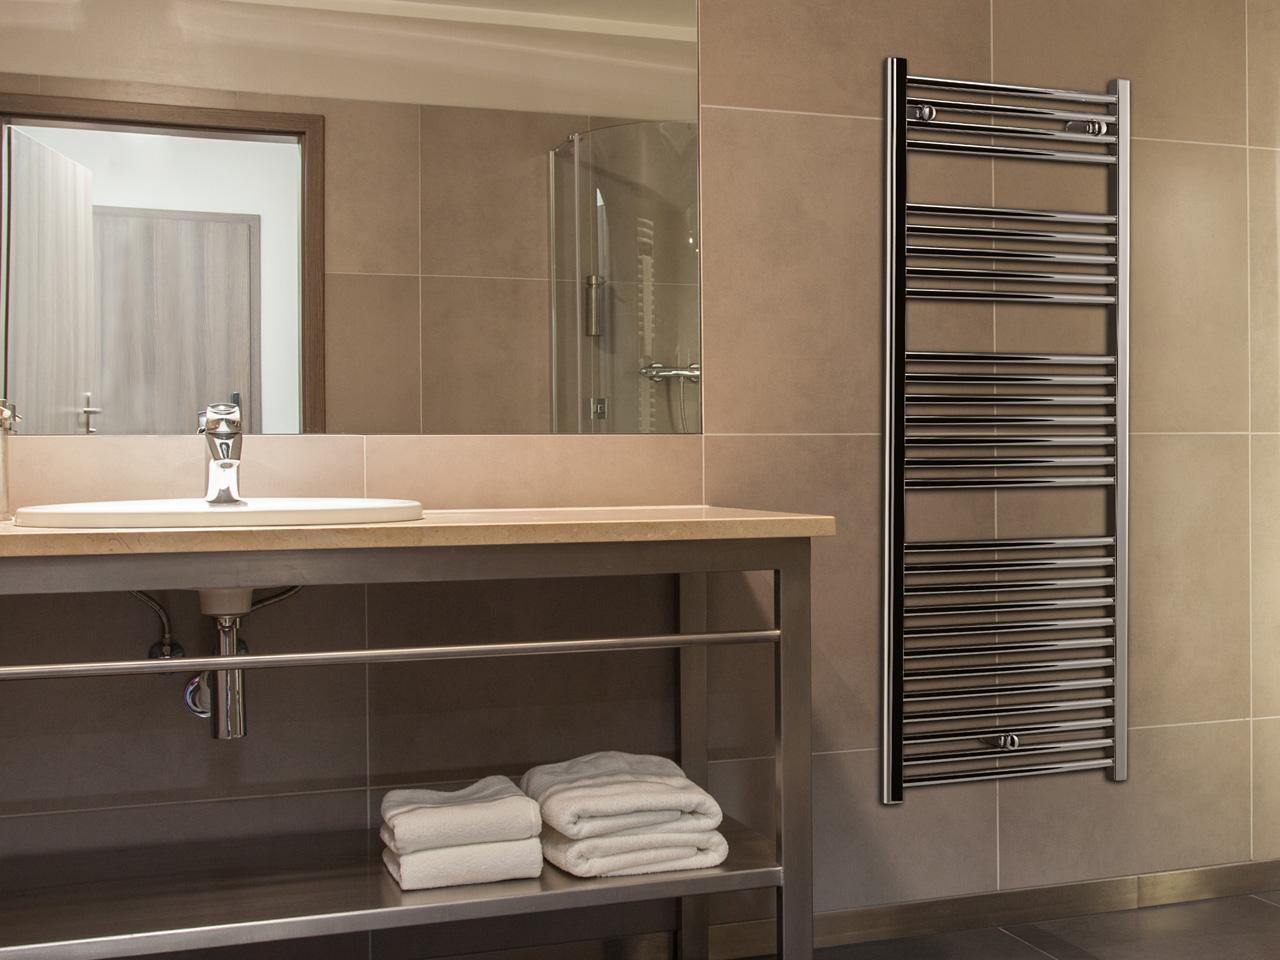 Come riscaldare il bagno senza rinunciare al design bagnoidea